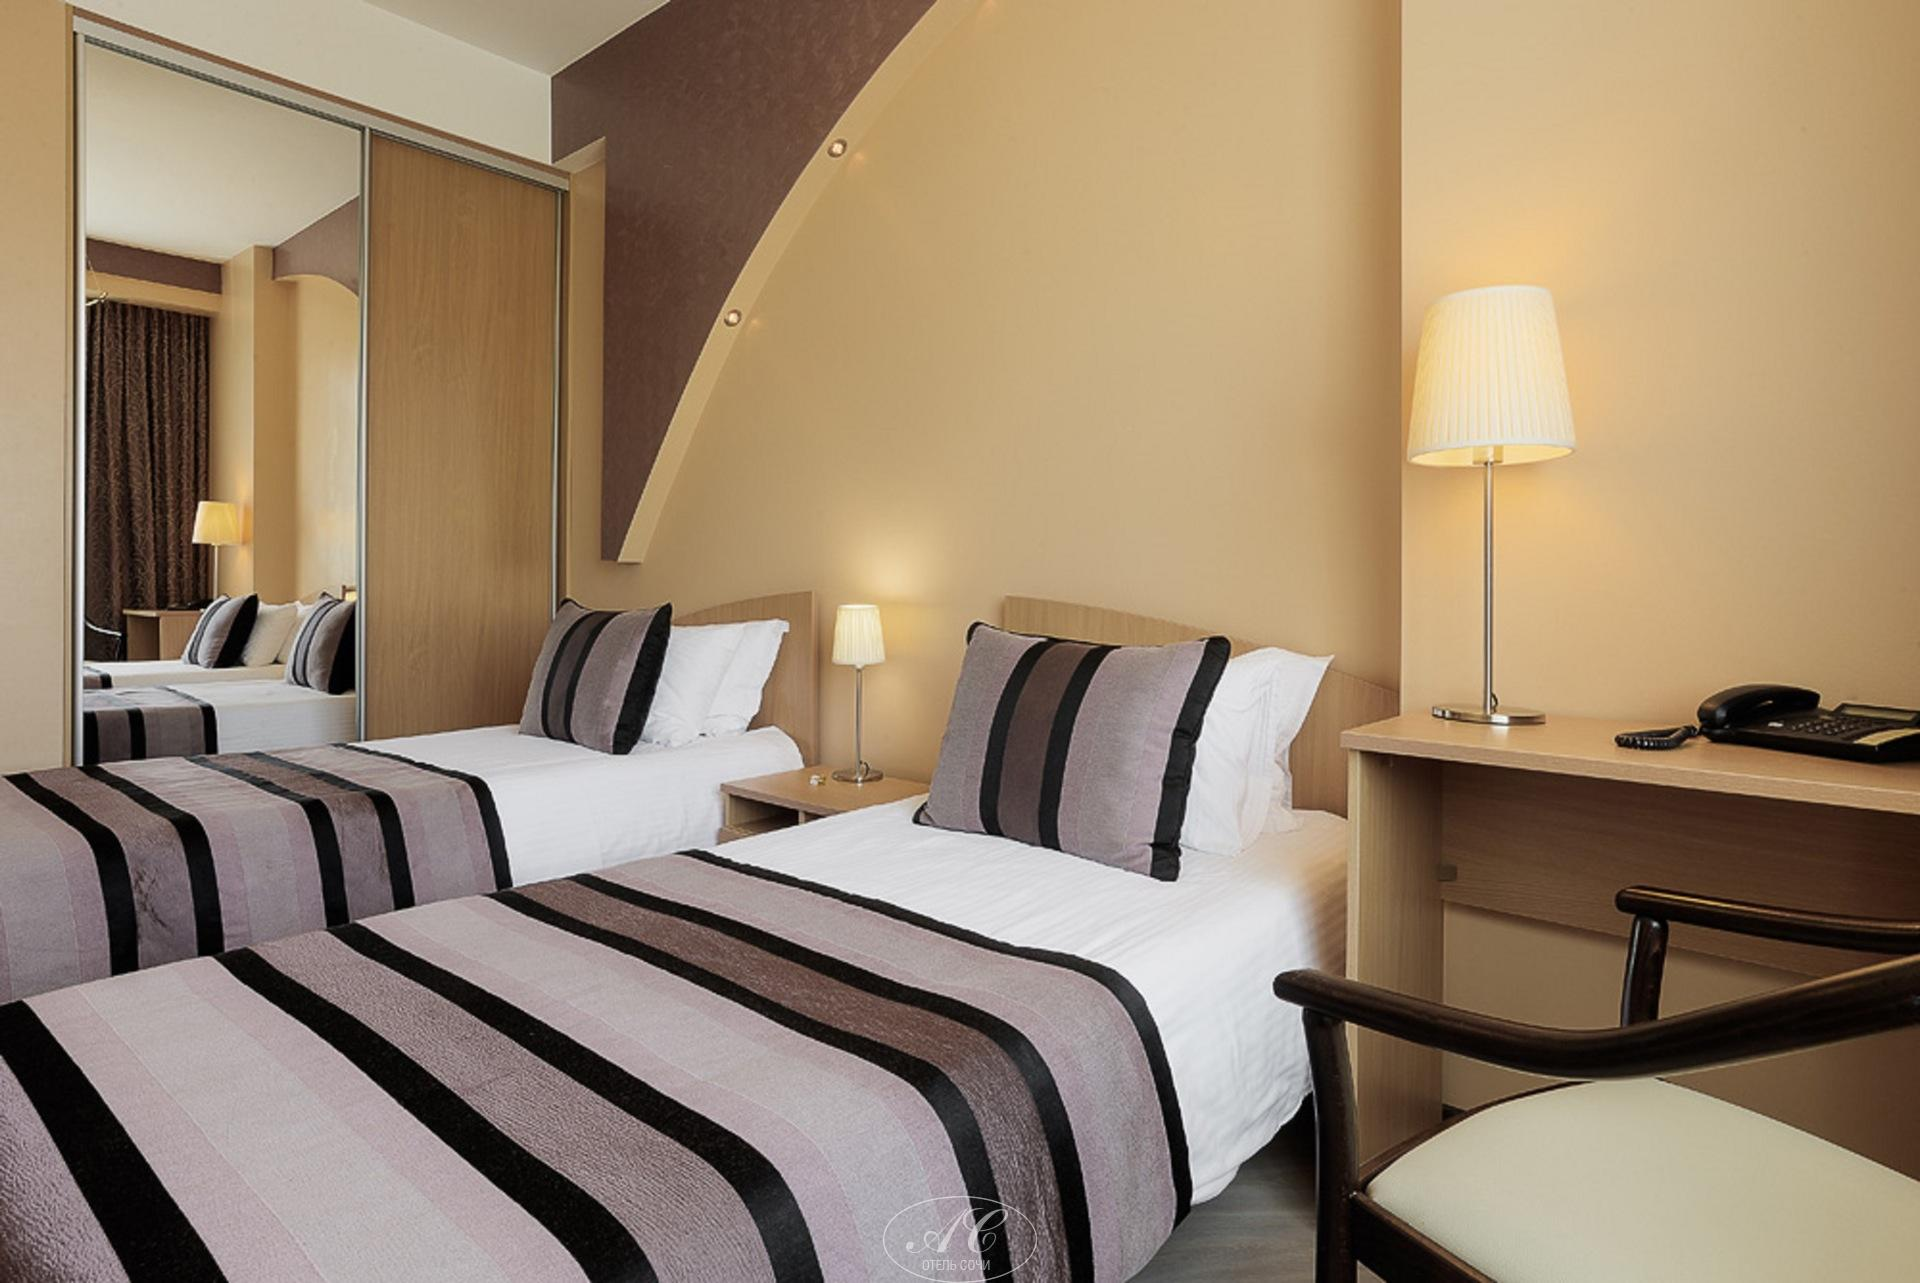 Номер Двухместный номер с 2 отдельными кроватями с раздельными кроватями и широким диваном